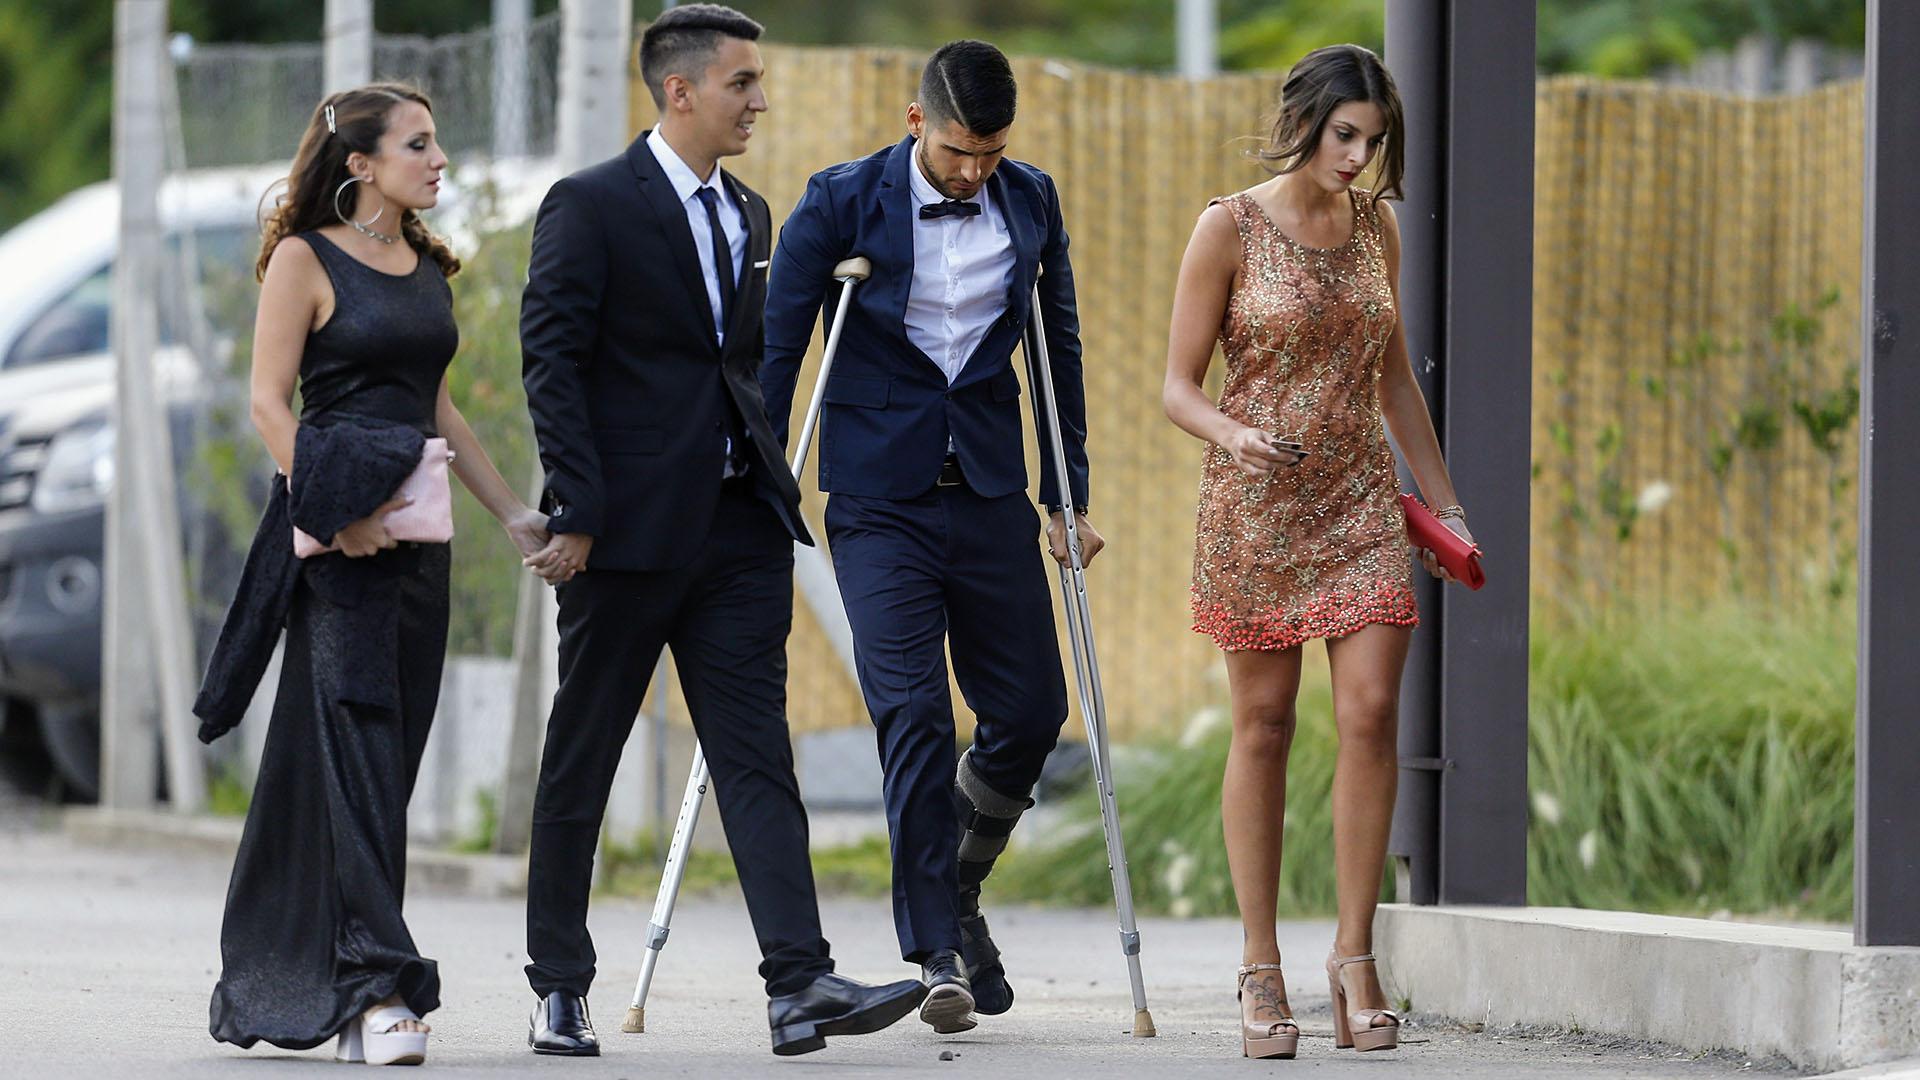 Nadie se quiso perder la boda del año y ni siquiera las muletas fueron impedimento para llegar al lugar (Nicolás Aboaf)